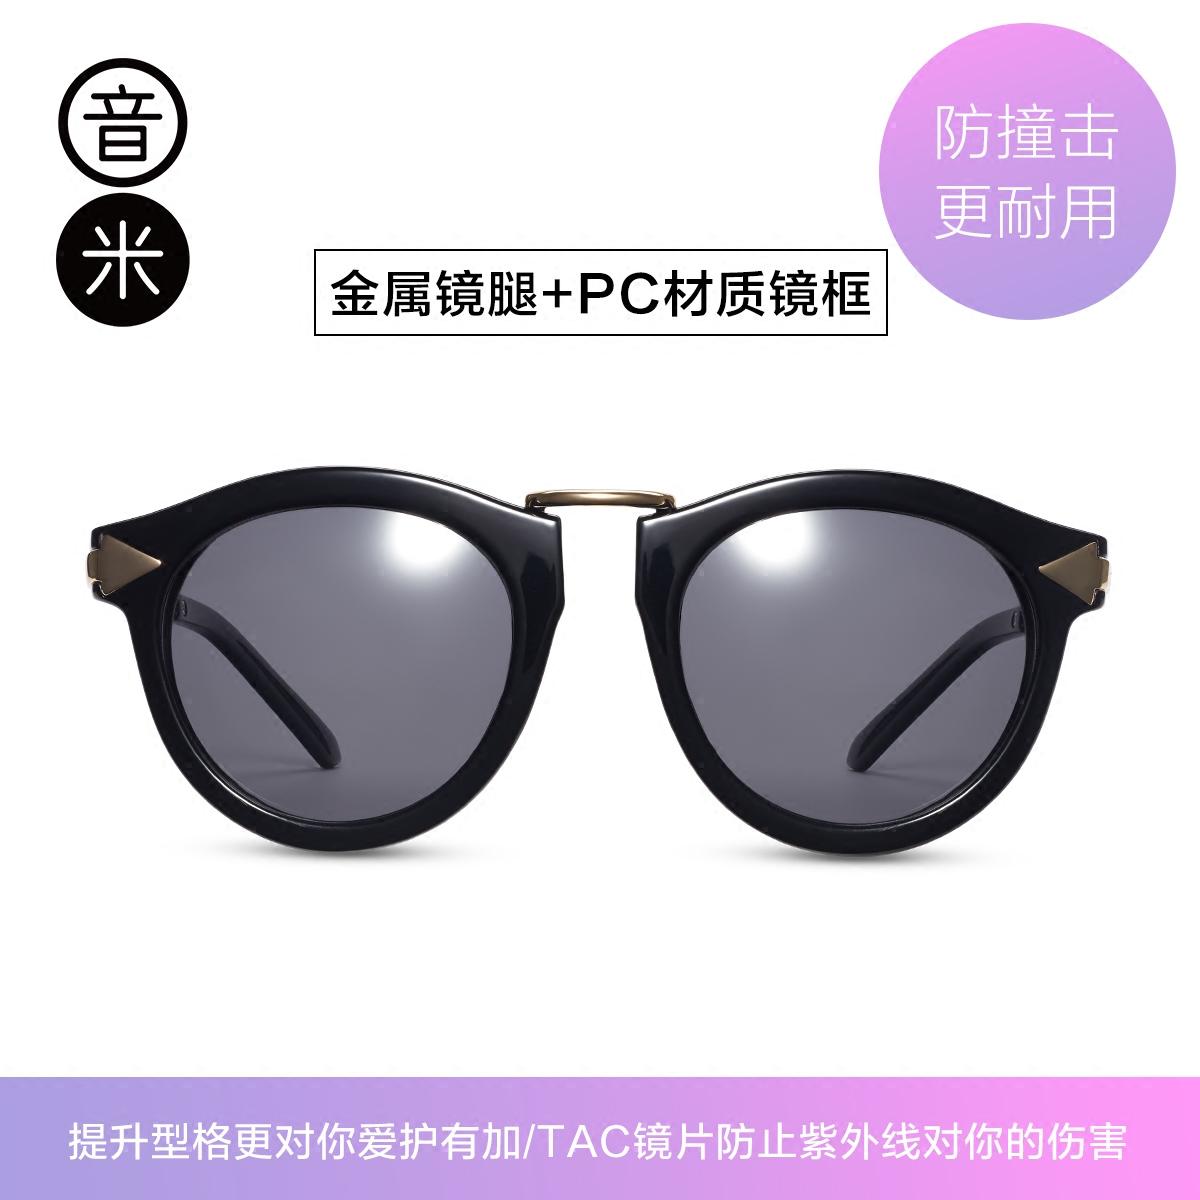 音米眼镜偏光太阳镜女潮圆脸复古眼镜可配近视墨镜 女太阳眼镜男